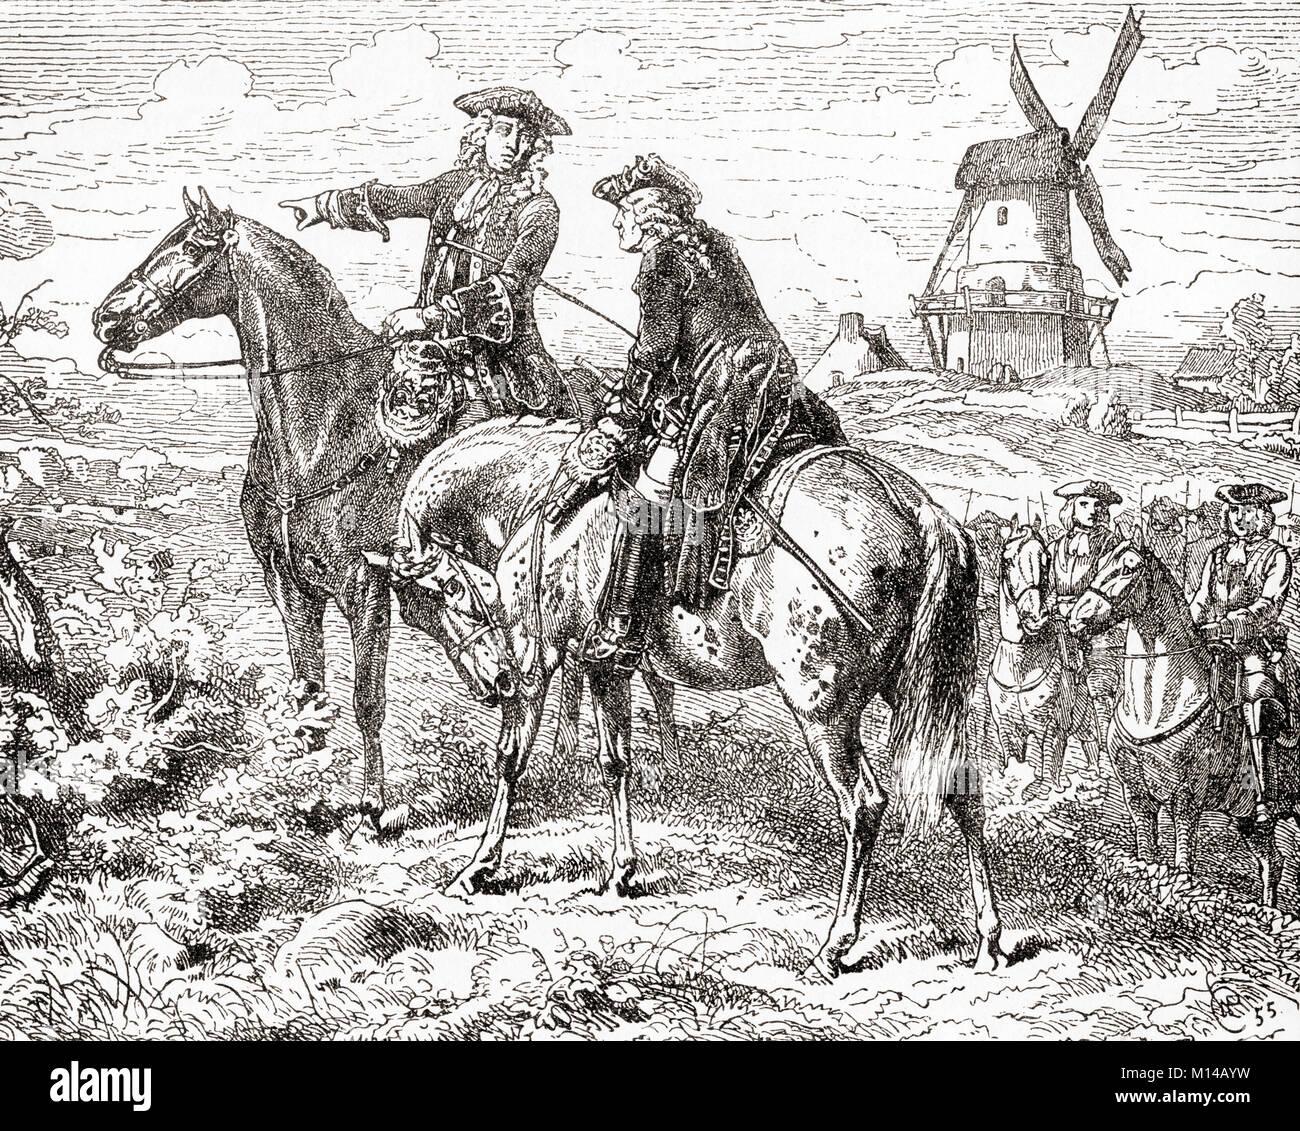 The Duke of Marlborough at The Battle of Malplaquet,11 September 1709.  General John Churchill, 1st Duke of Marlborough, - Stock Image